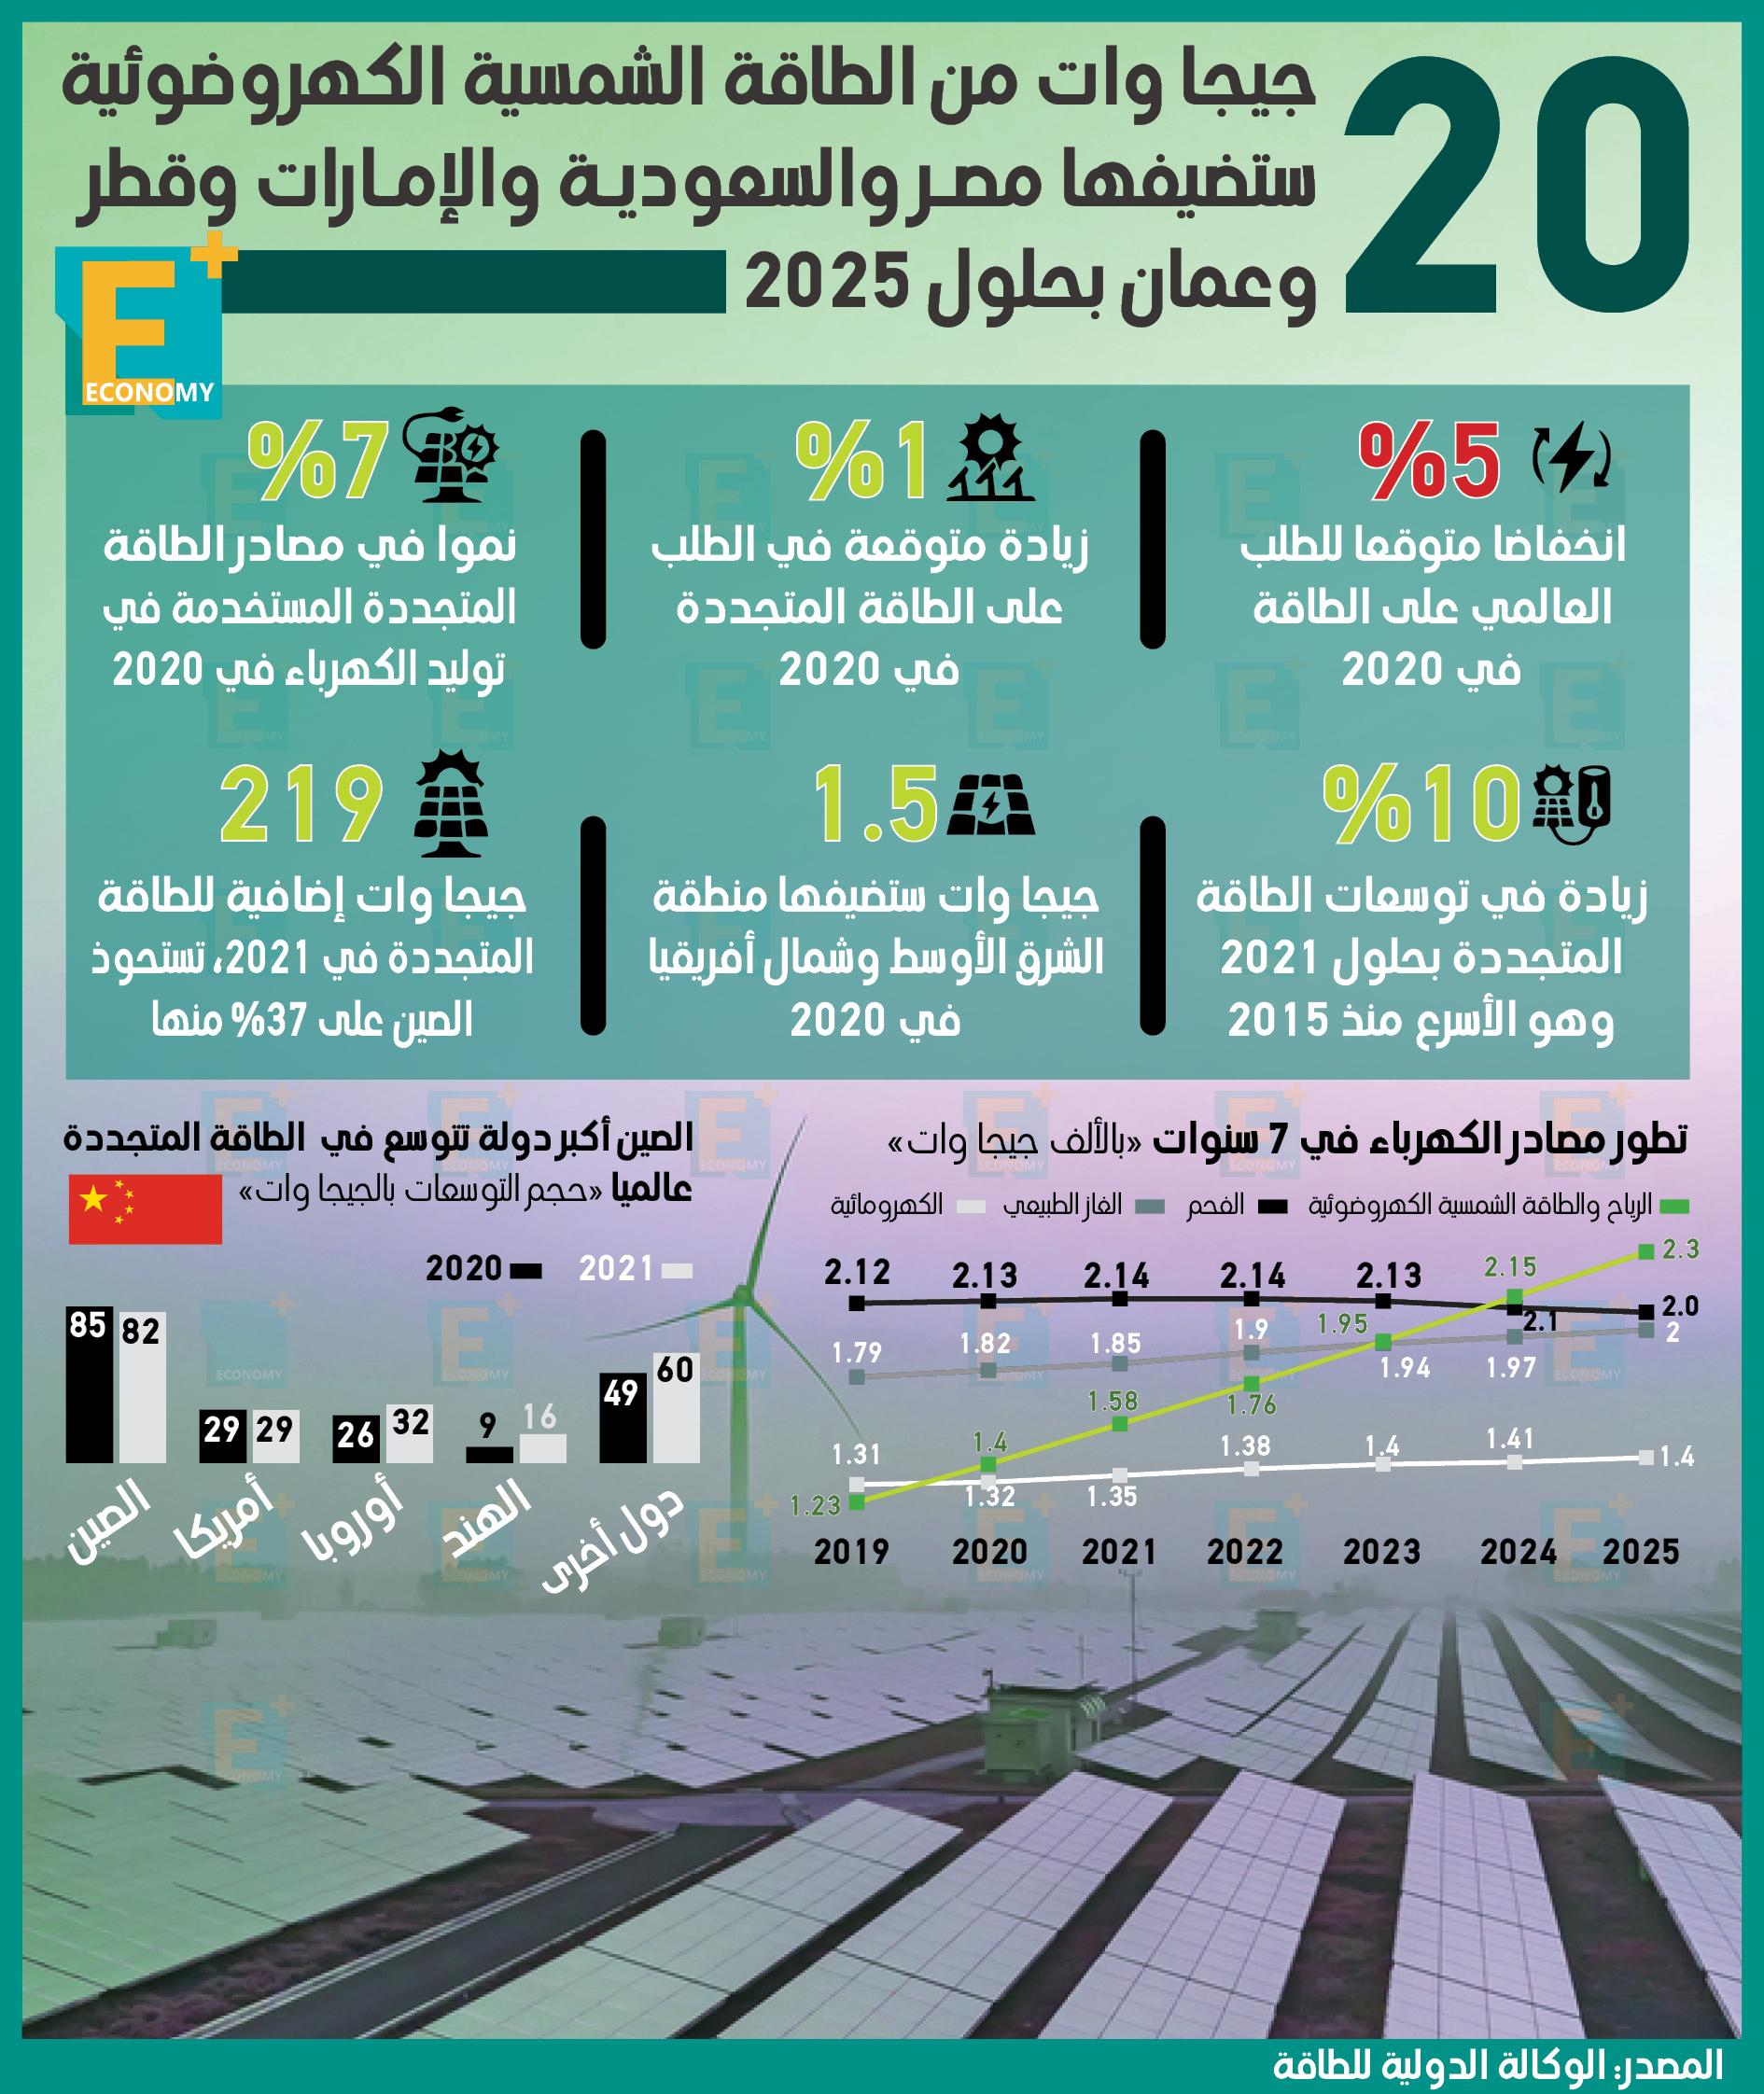 20 جيجا وات من الطاقة الشمسية الكهروضوئية ستضيفها مصر والسعودية والإمارات وقطر وعمان بحلول 2025